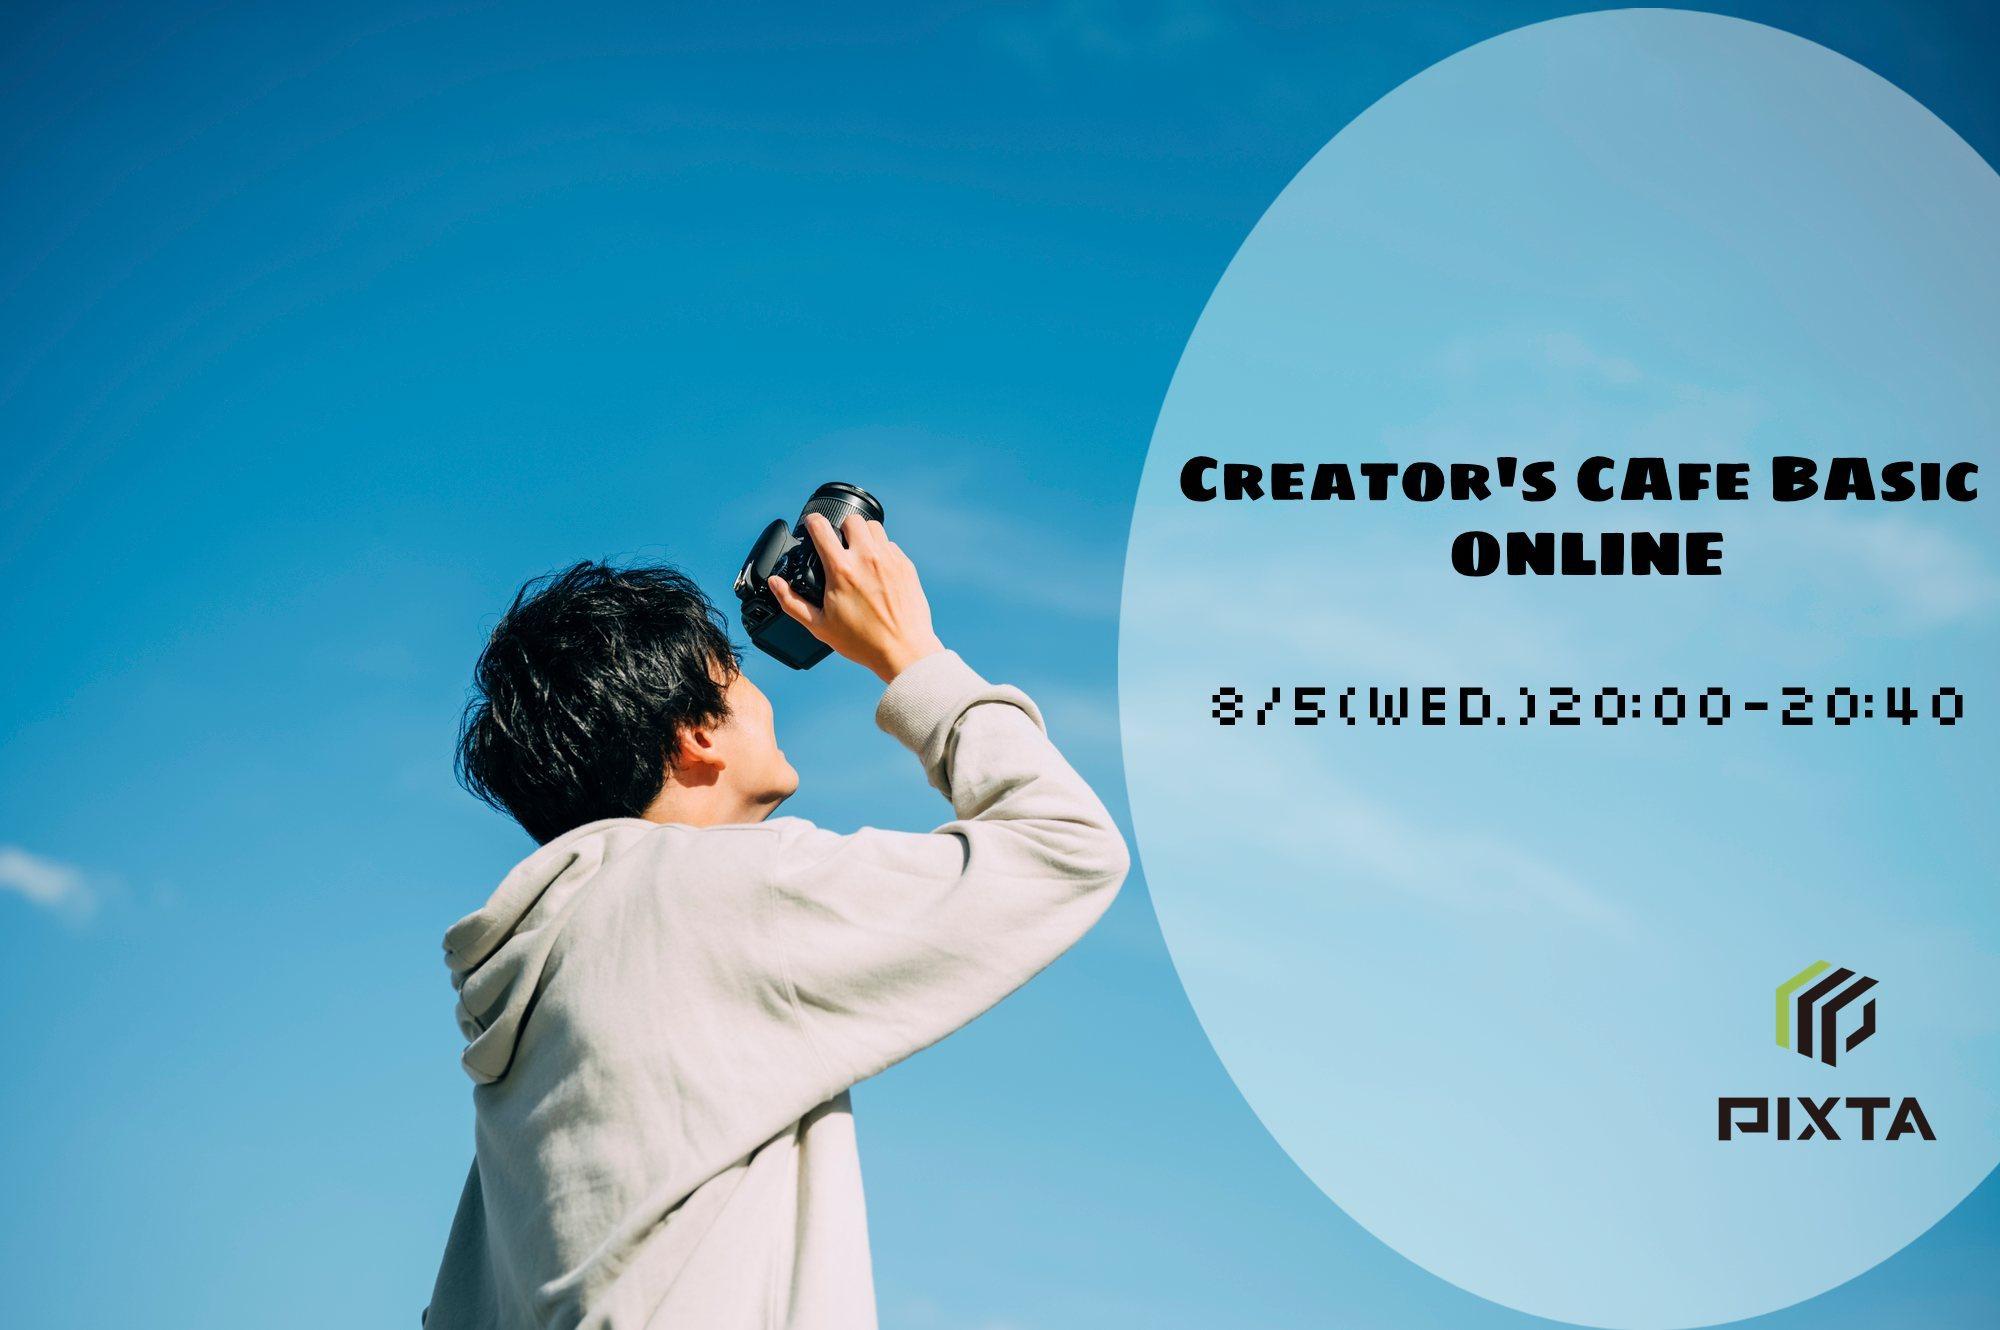 8/5(水)オンライン開催! ストックフォト初心者のための基礎セミナー「PIXTA Creator's Cafe -Basic- Online」